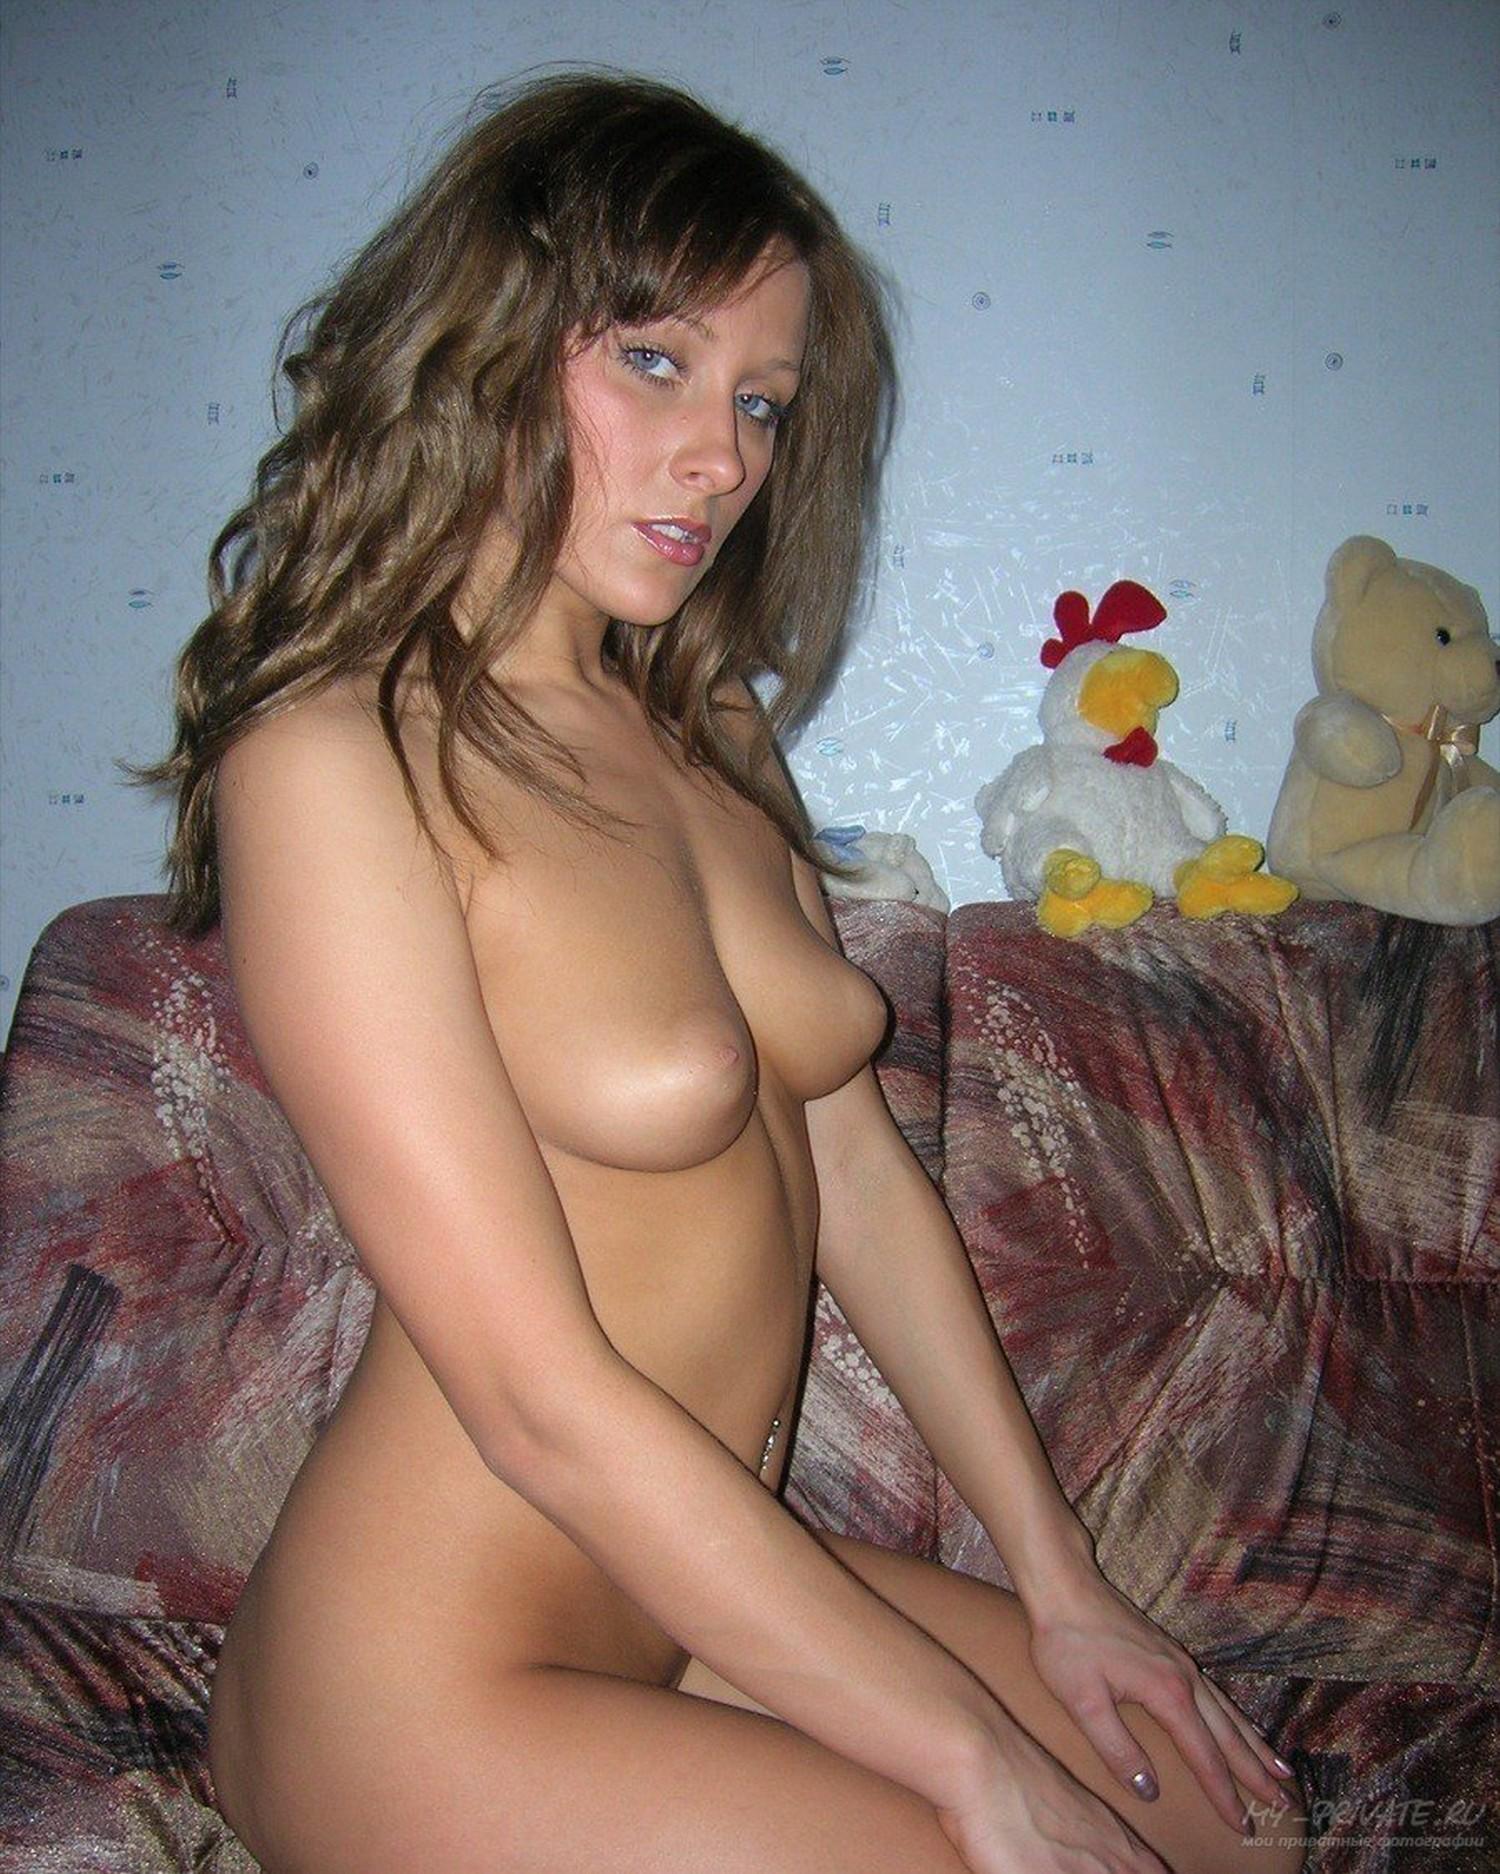 Стройная девушка разделась догола в квартире